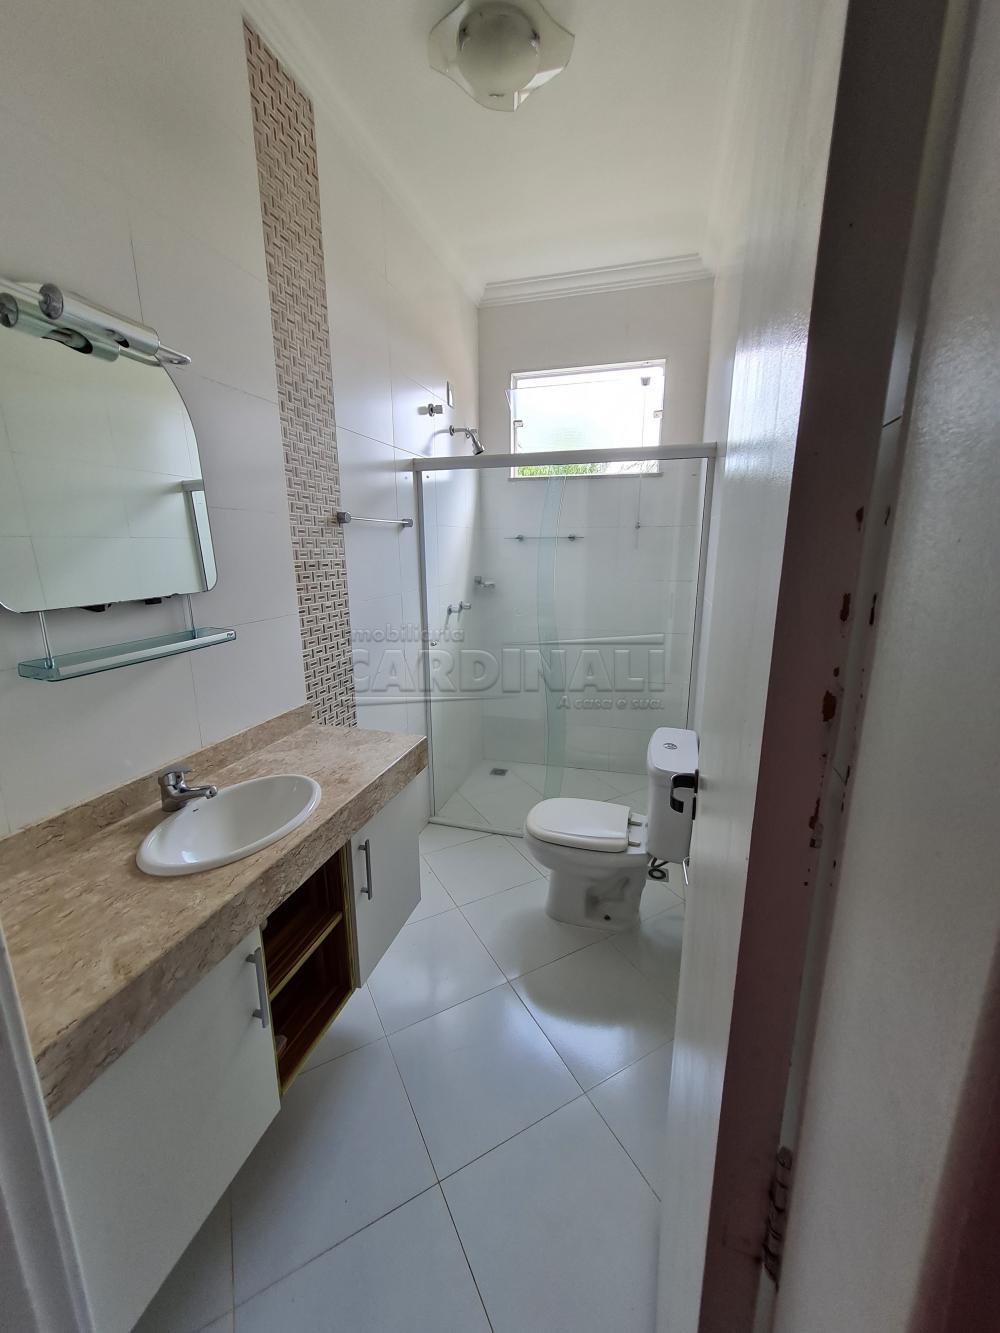 Comprar Casa / Condomínio em São Carlos R$ 865.000,00 - Foto 3